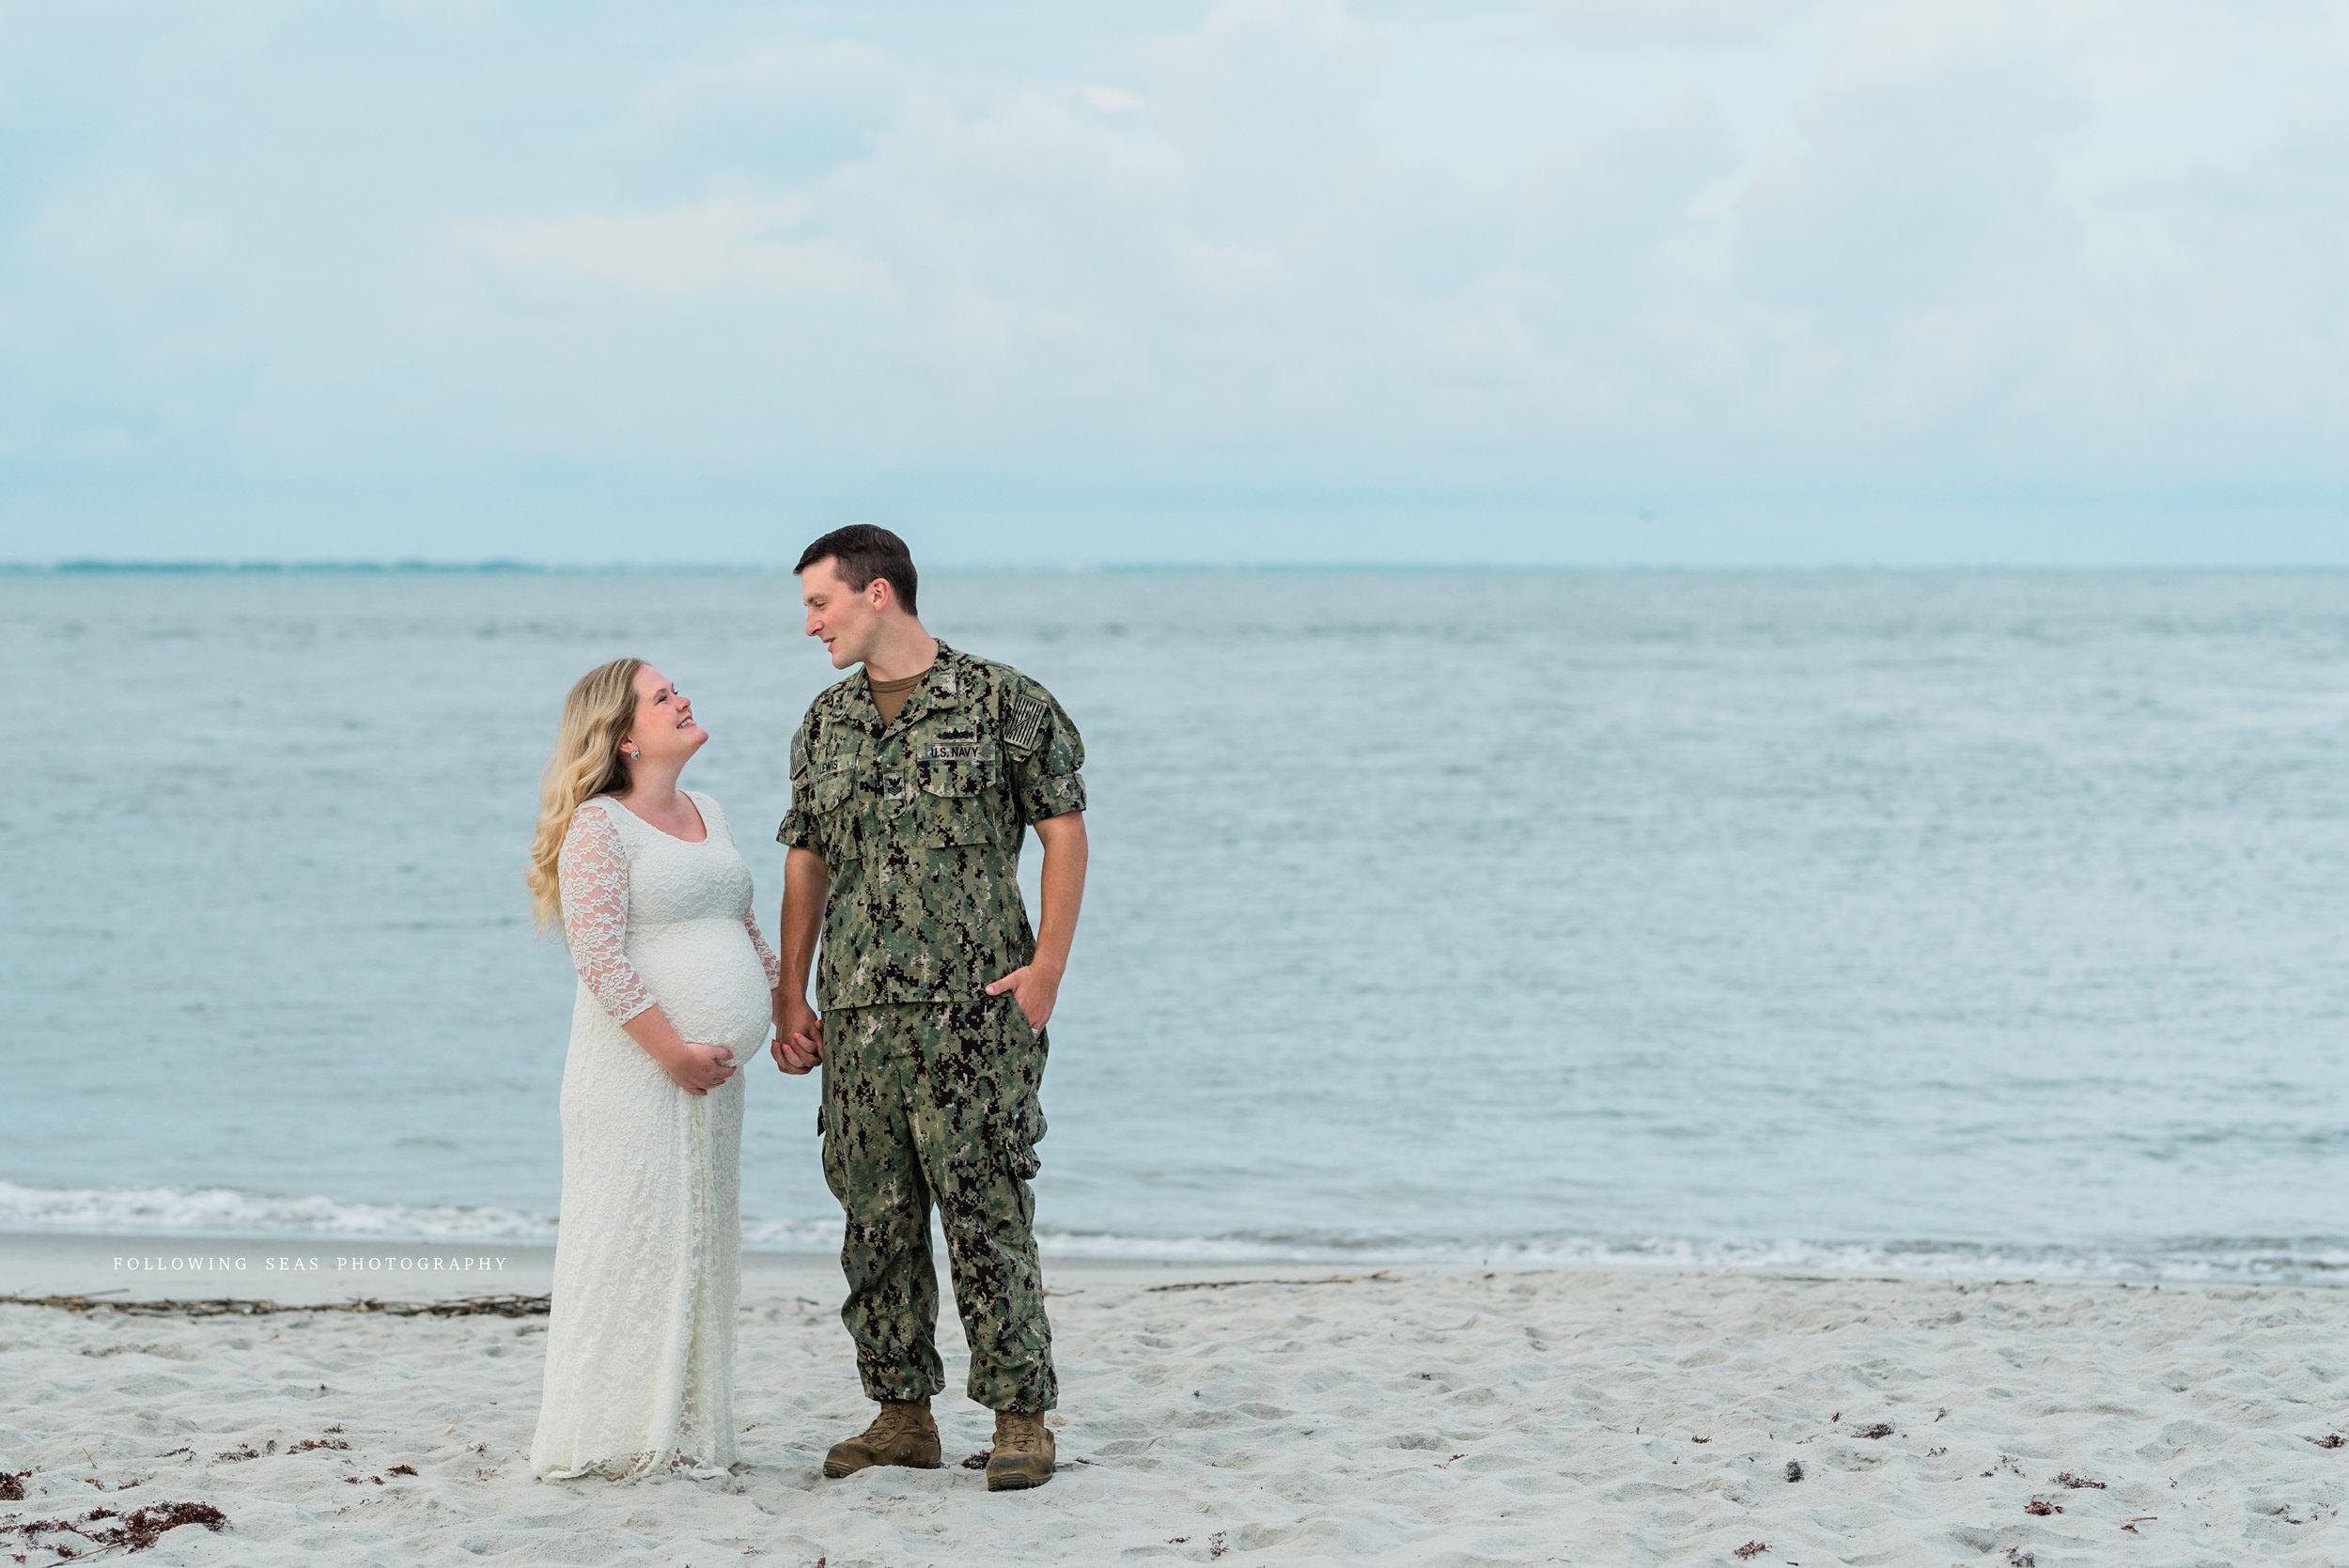 Folly-Beach-Maternity-Photographer-Following-Seas-Photography-2851.jpg